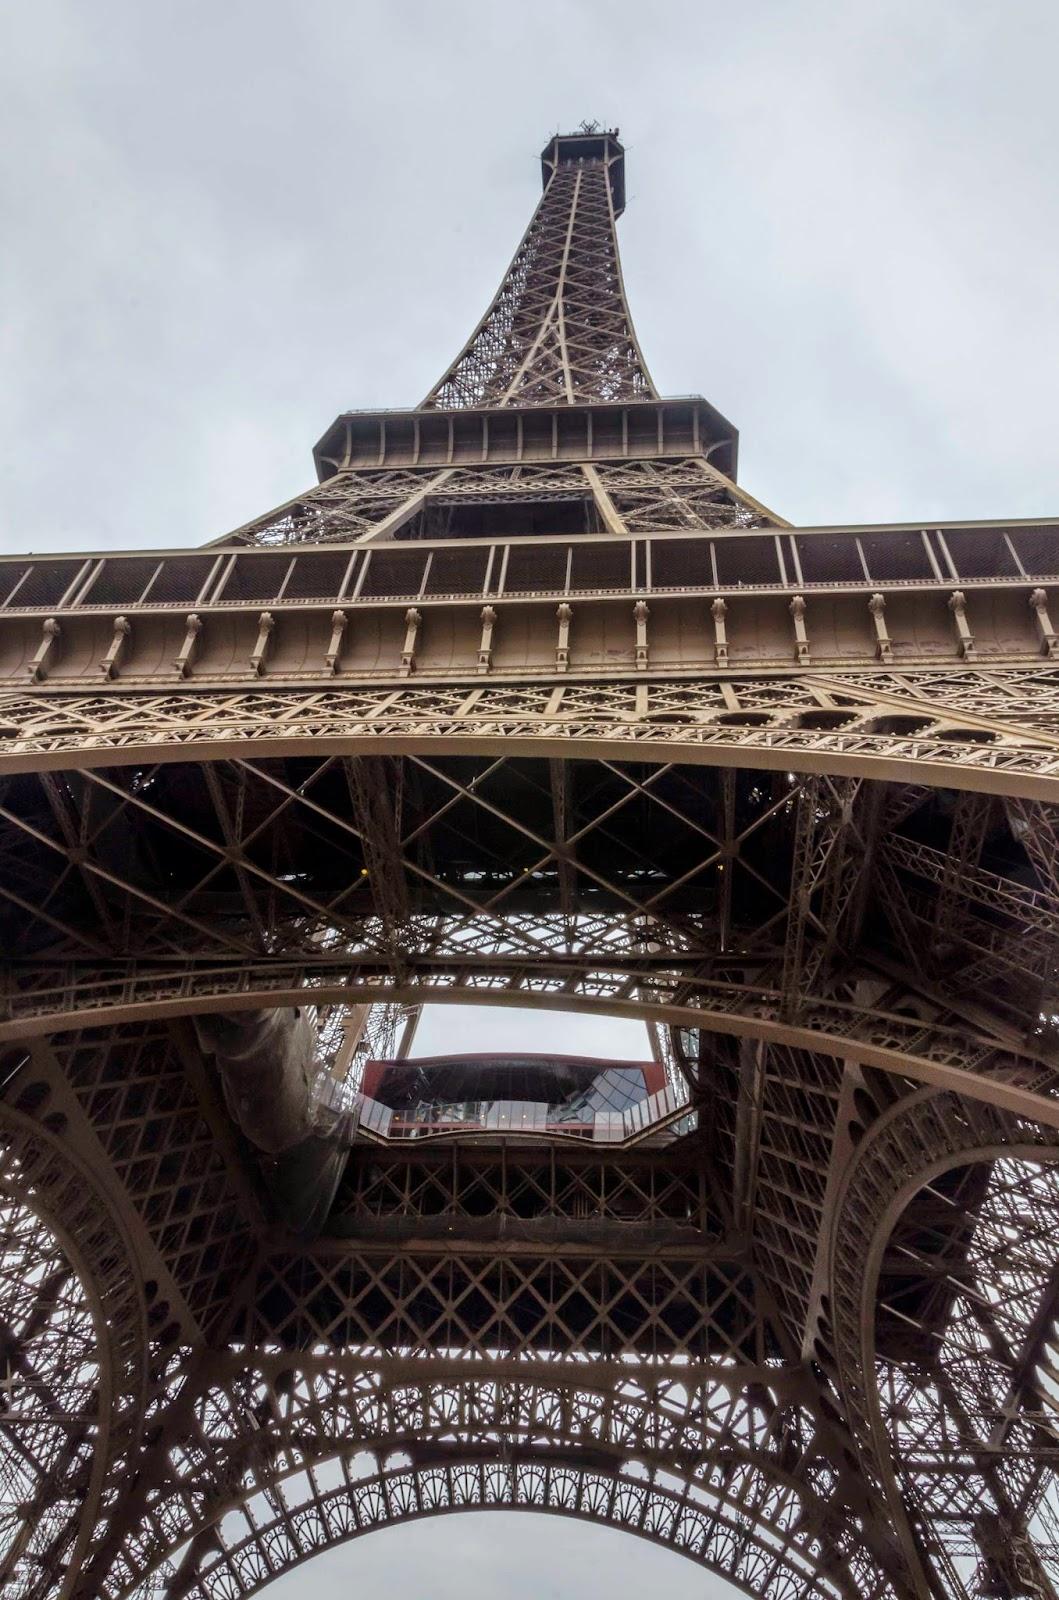 Em baixo da Torre Eiffel